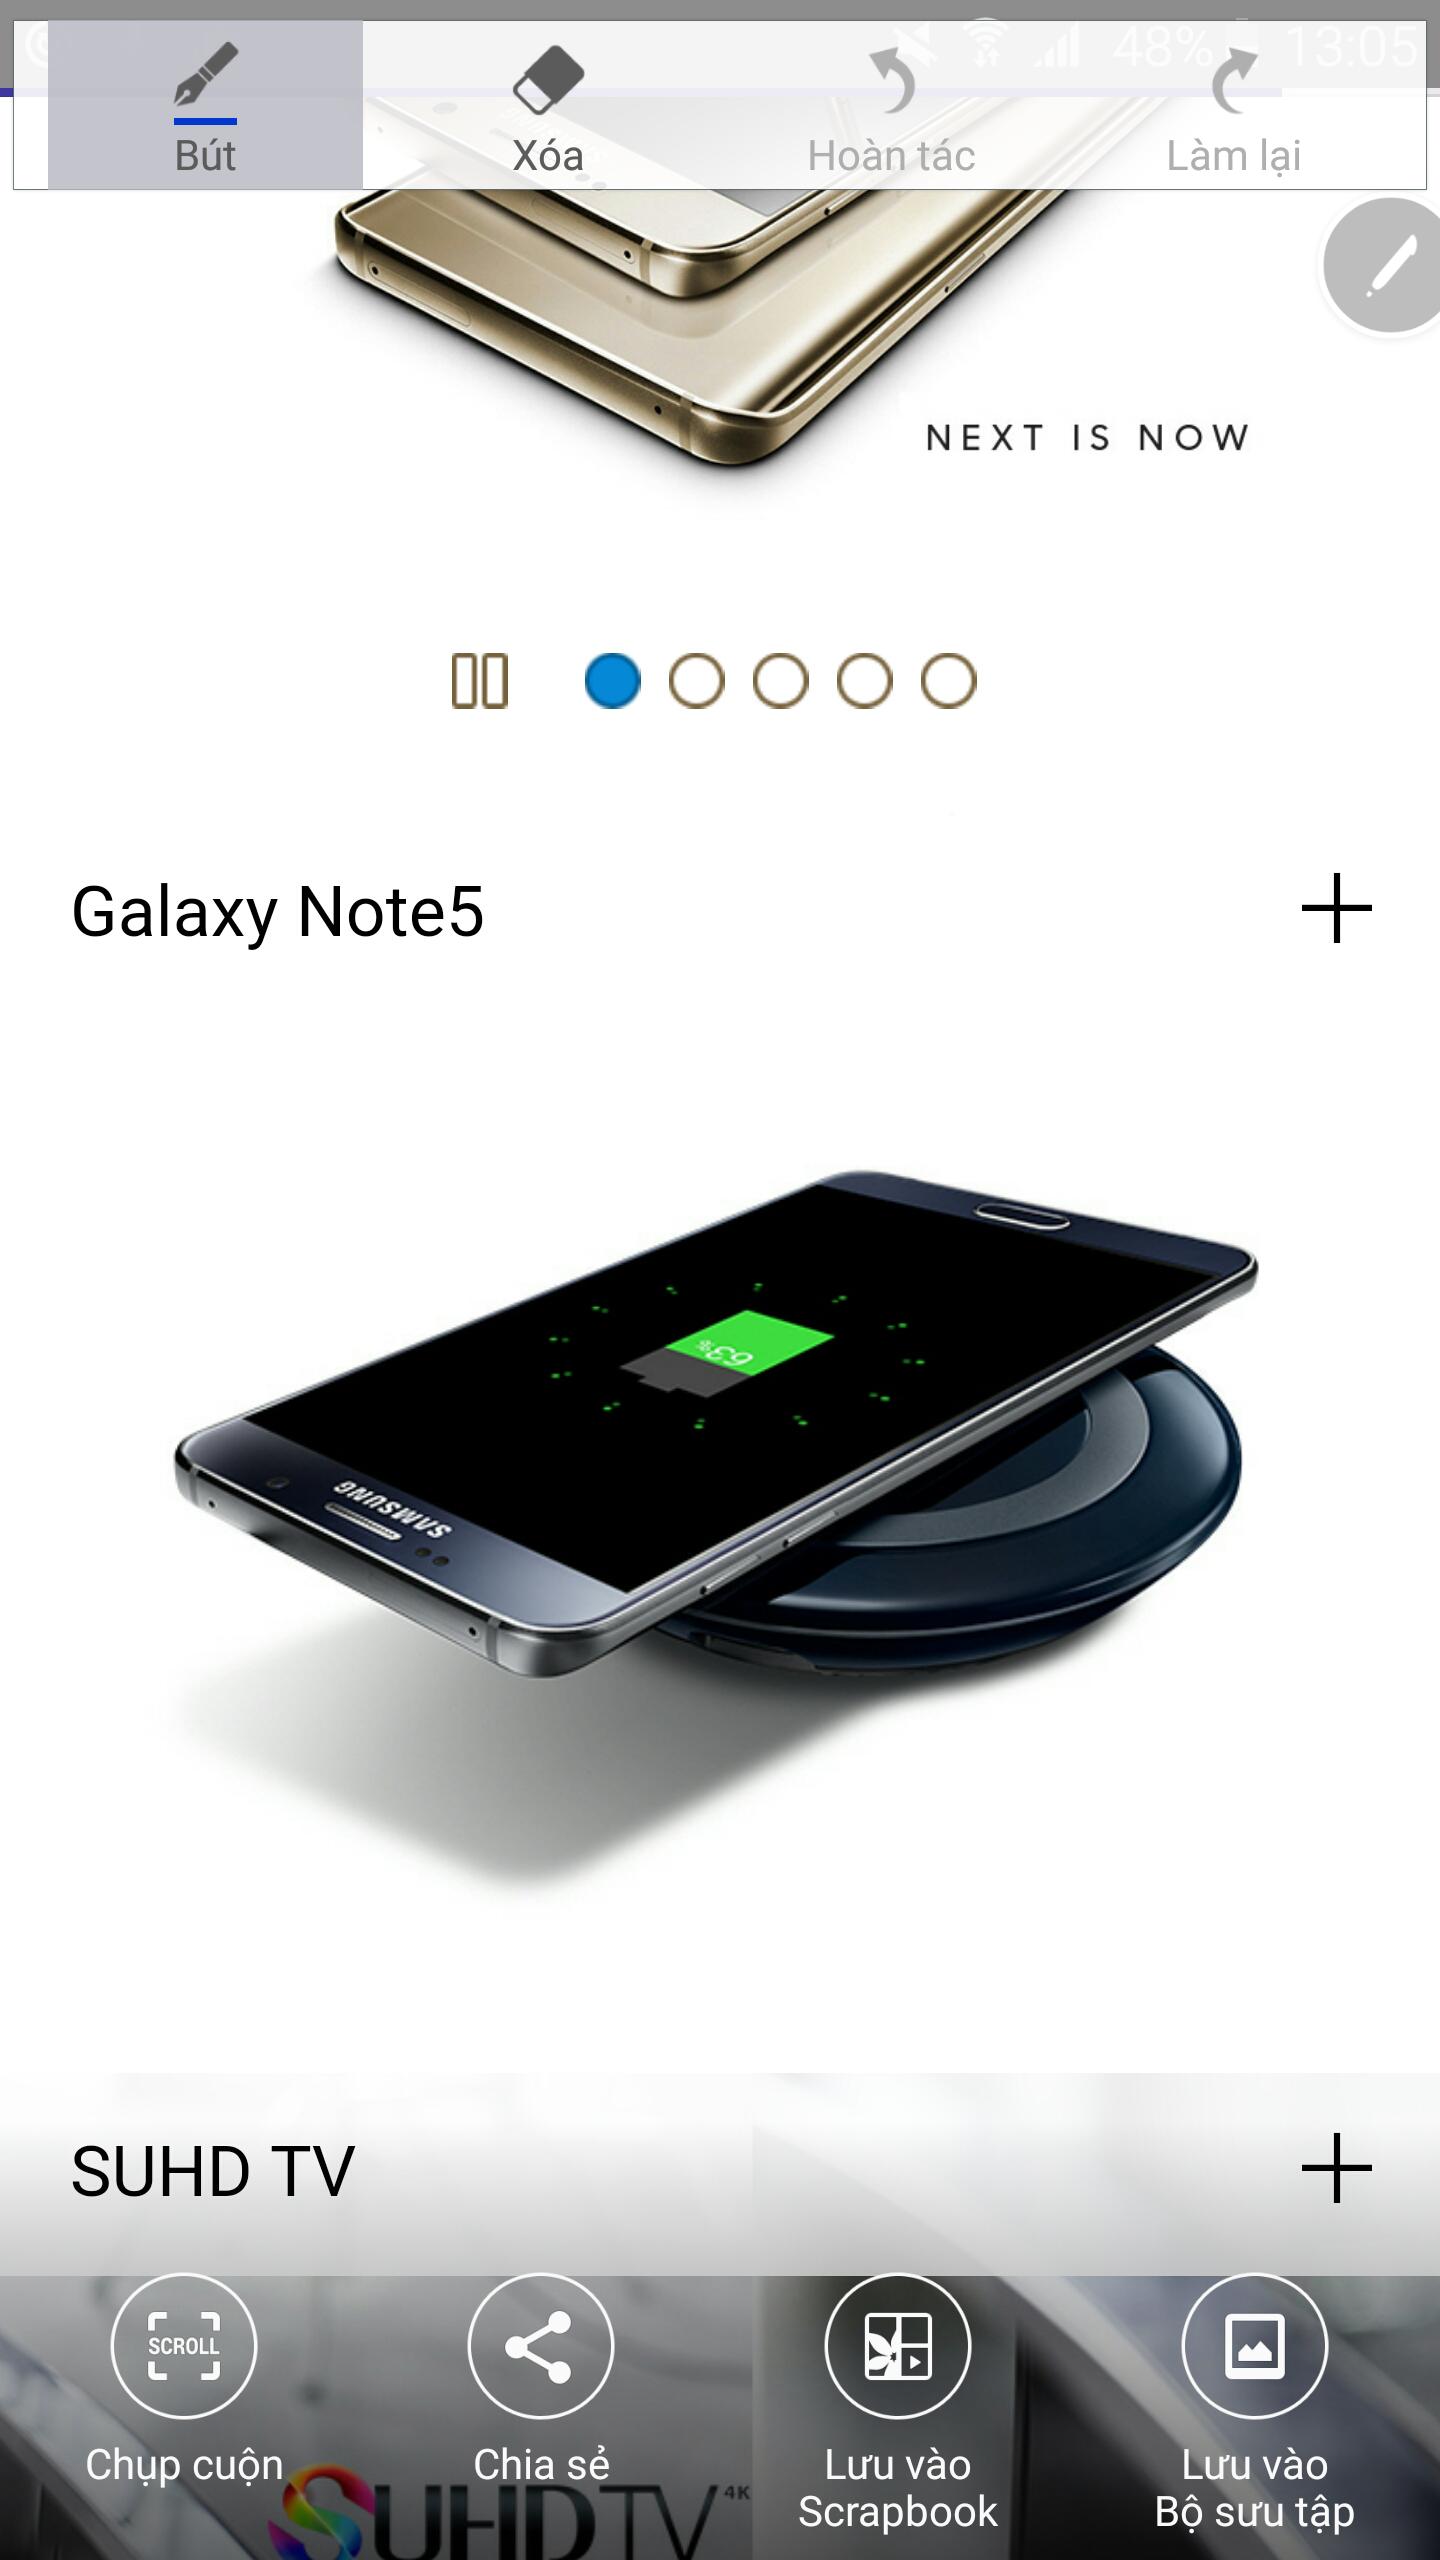 Samsung Galaxy Note 5 nhiều tính năng cùng S pen